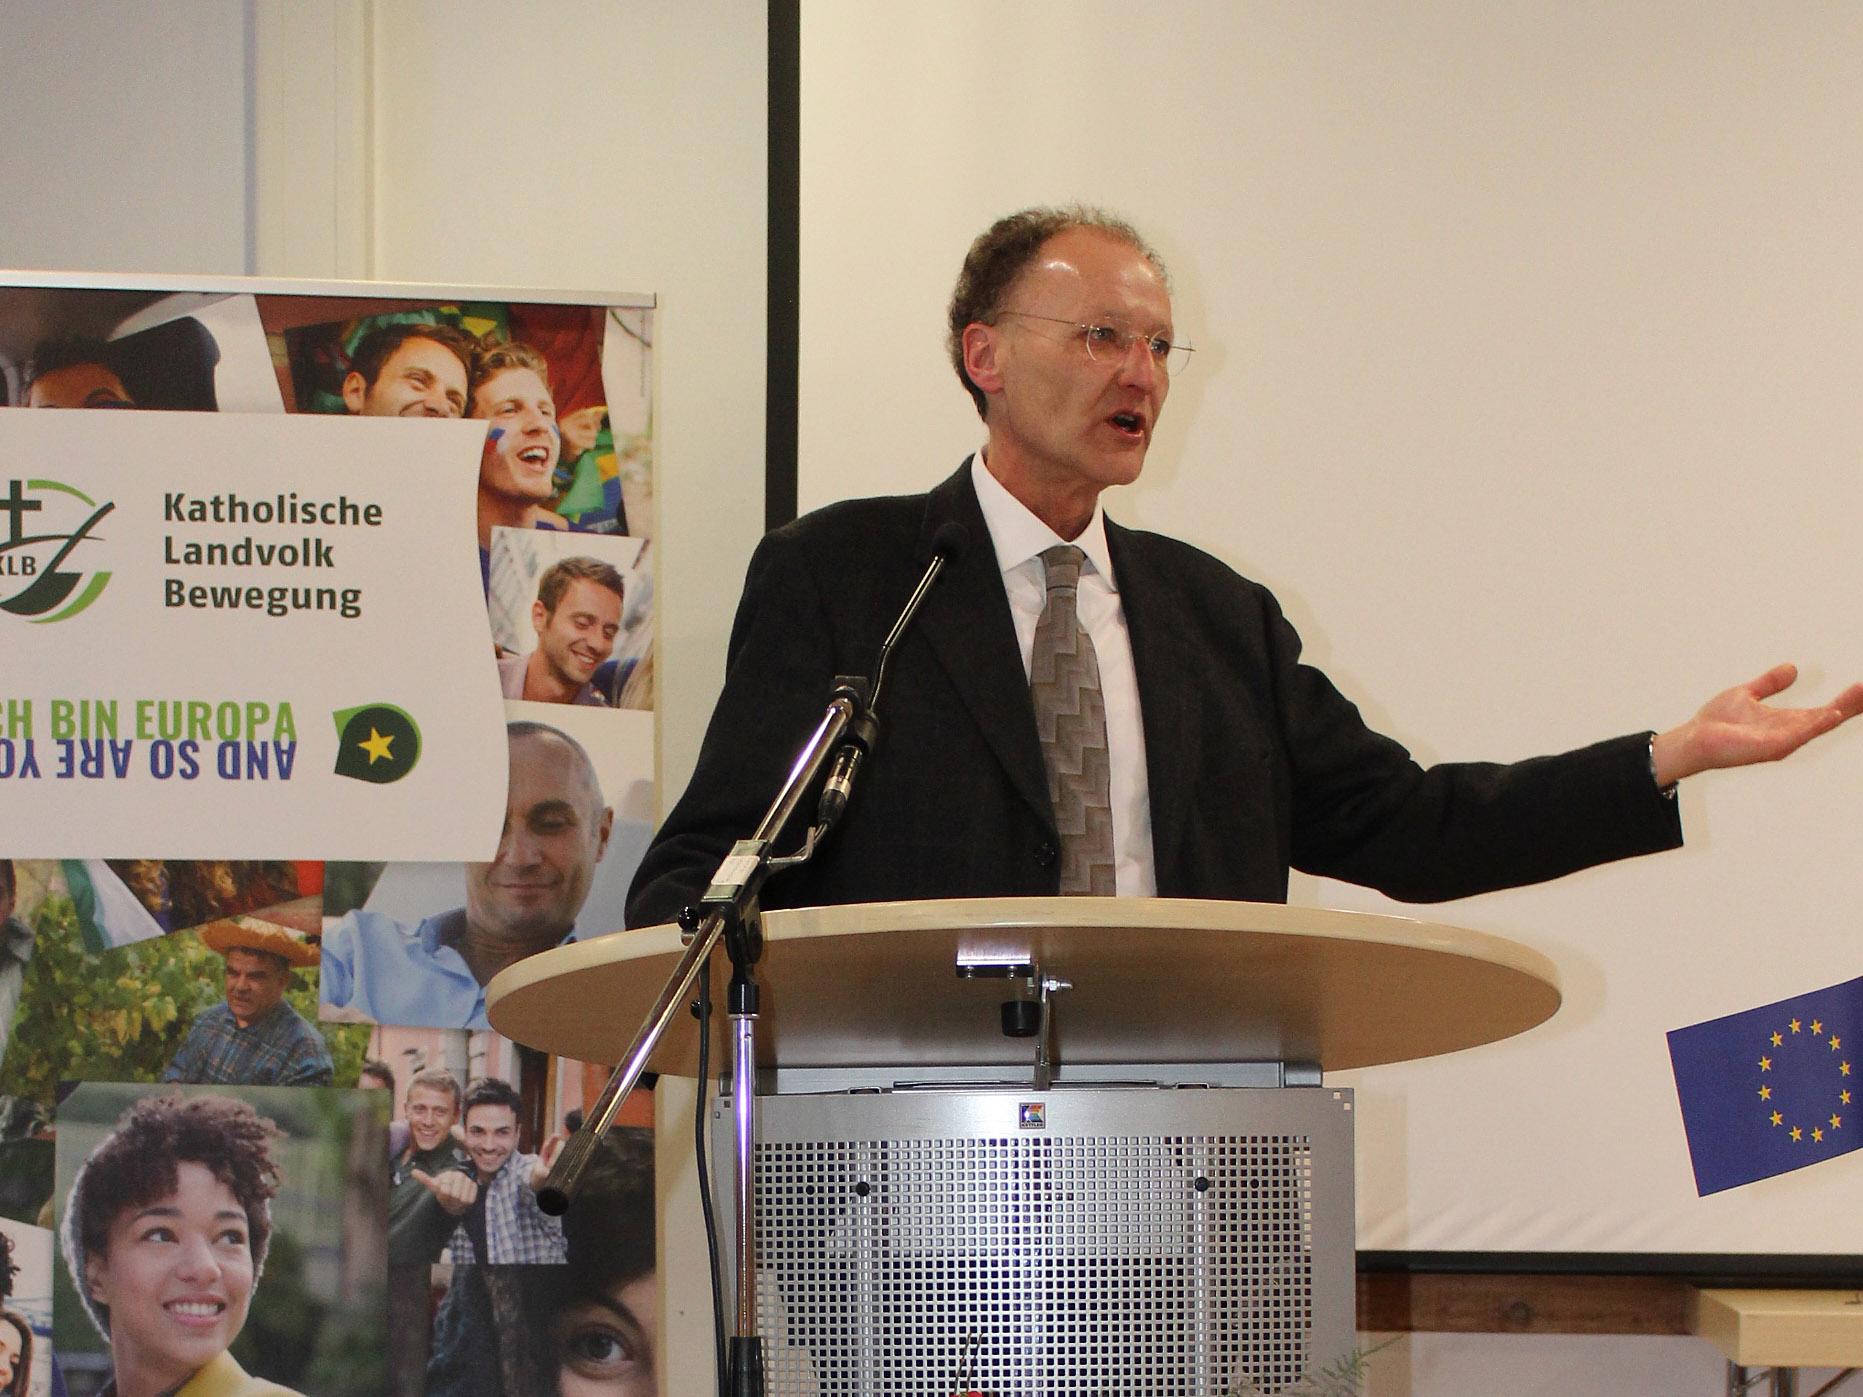 Domkapitular Dr. Wolfgang Hacker erinnerte an die notwendige Verbindung zwischen Menschen, Ländern und Kulturen.( Foto: KLB)